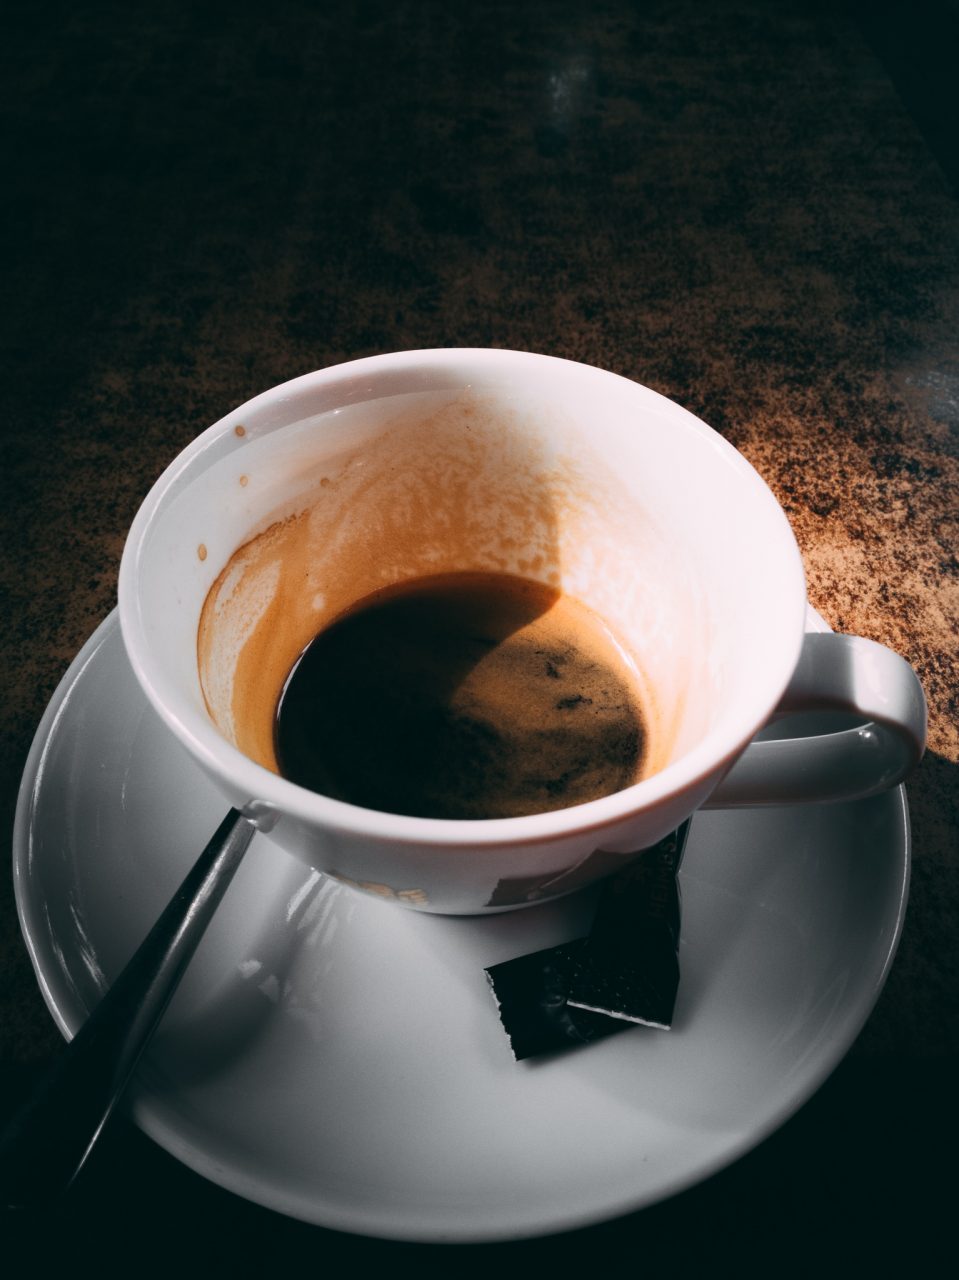 """Tag 295 - Erholung // """"Die beste Methode, das Leben angenehm zu verbringen, ist, guten Kaffee zu trinken. Und wenn man keinen haben kann, so soll man versuchen, so heiter und gelassen zu sein, als hätte man guten Kaffee getrunken."""" - Jonathan Swift"""